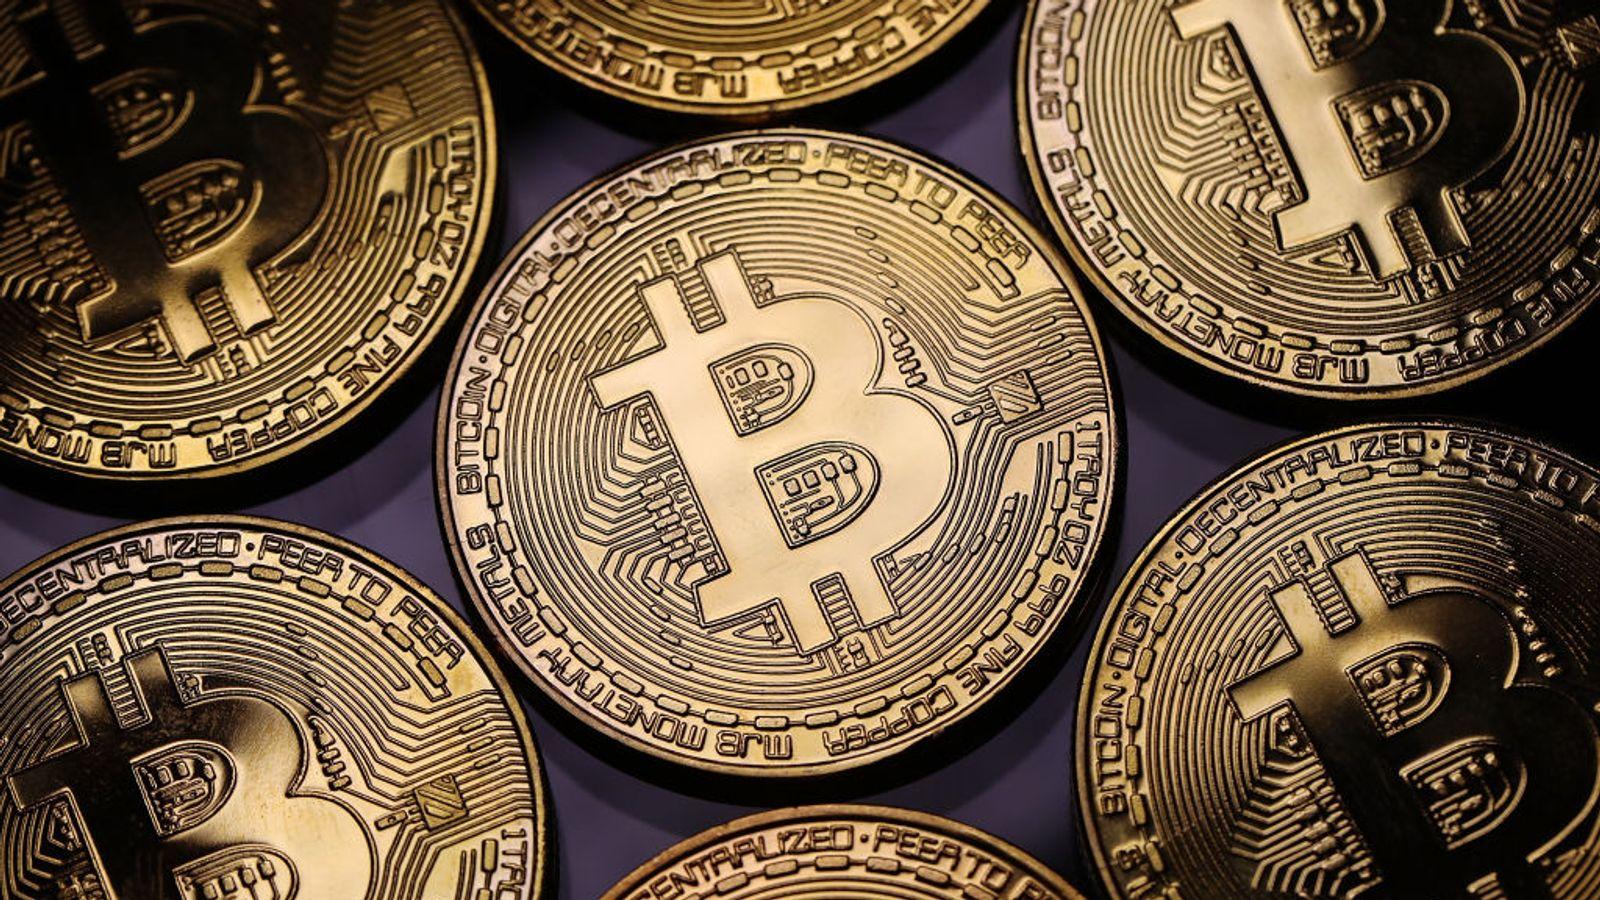 比特币再次疯狂跳水,引发了整个金融市场的关注